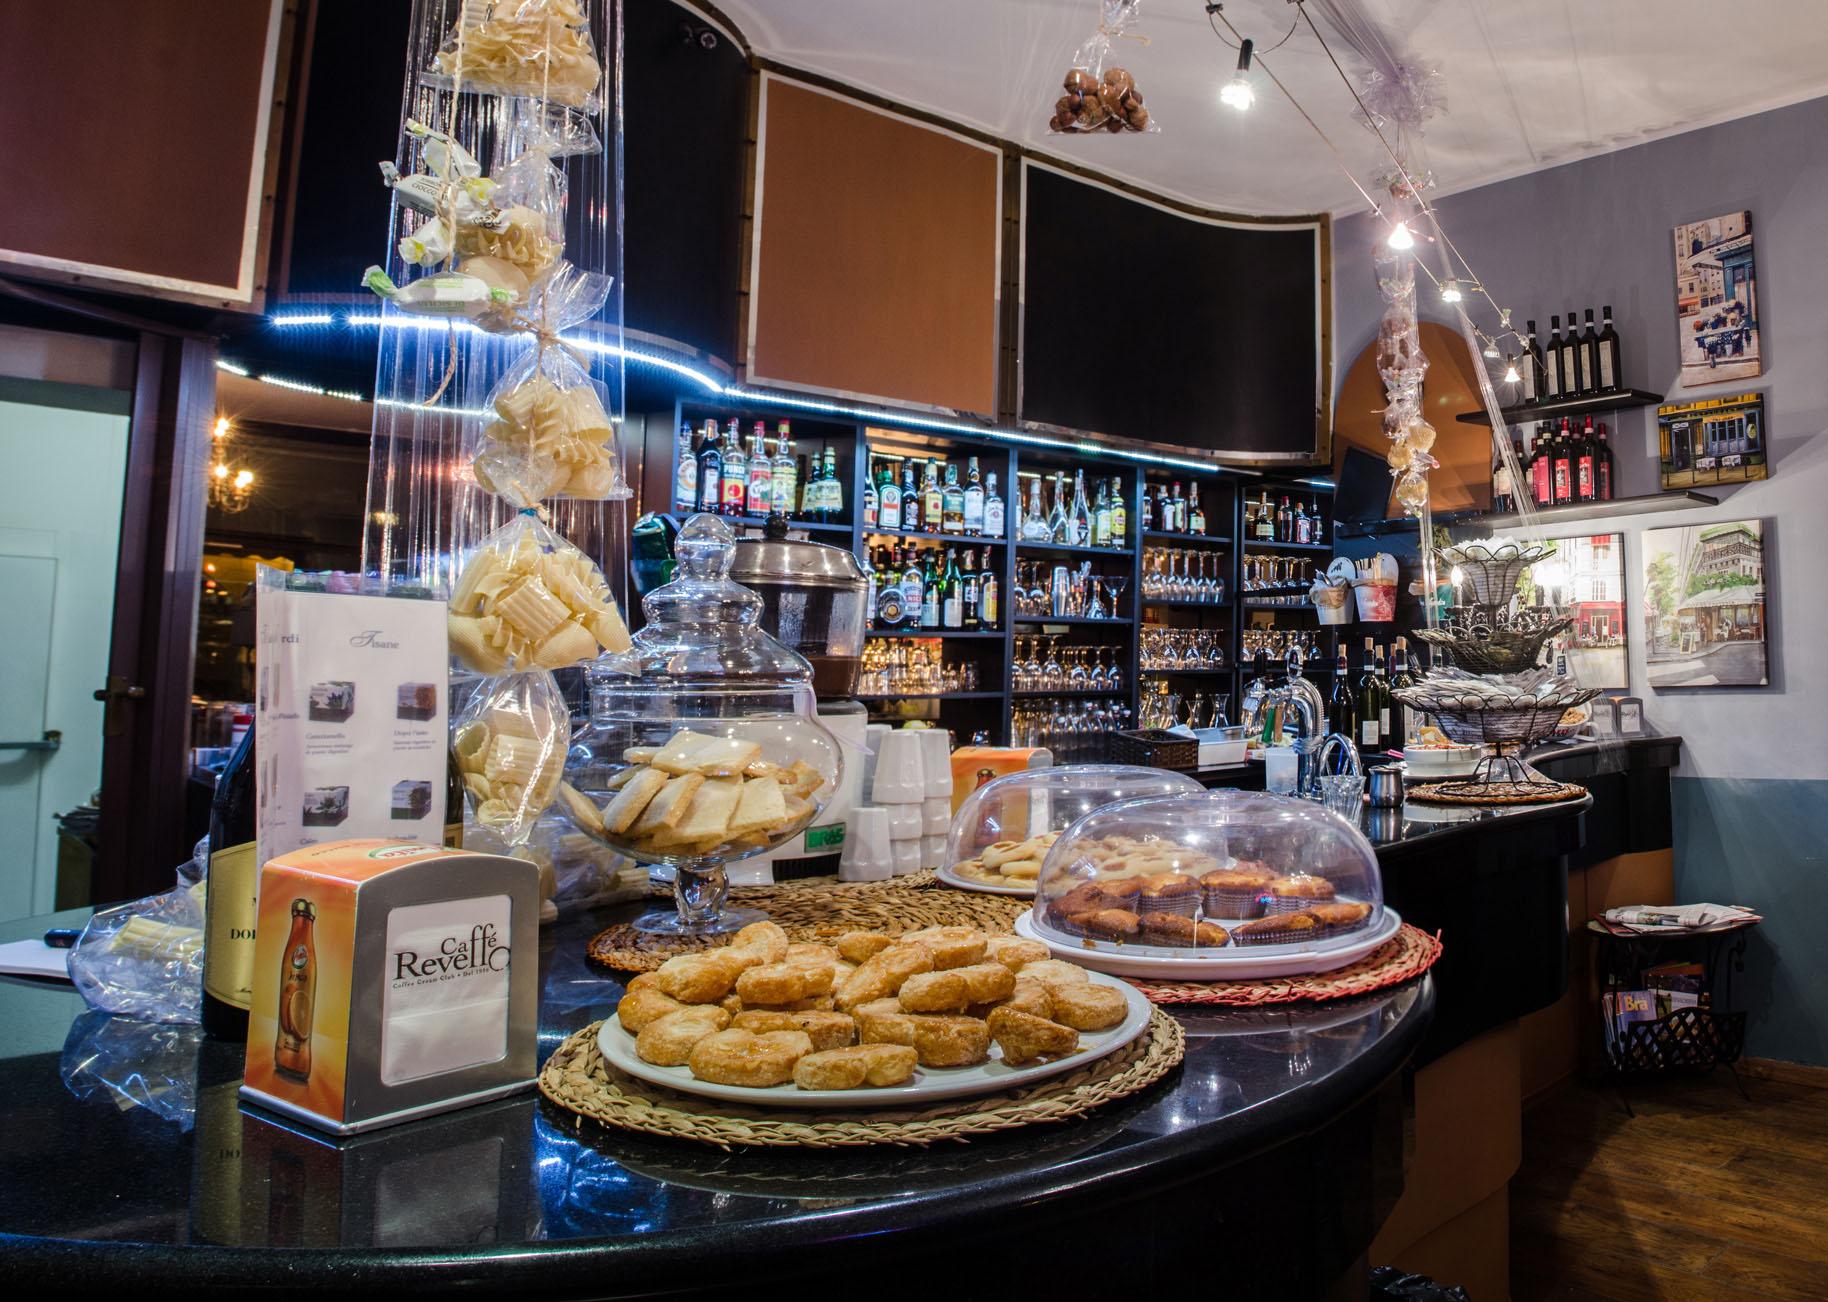 Architettura-Interni - Panorama inerno 4 - Fotografo-per-bar-ristoranti-e-locali - Fotografo-per-bar-ristoranti-e-locali